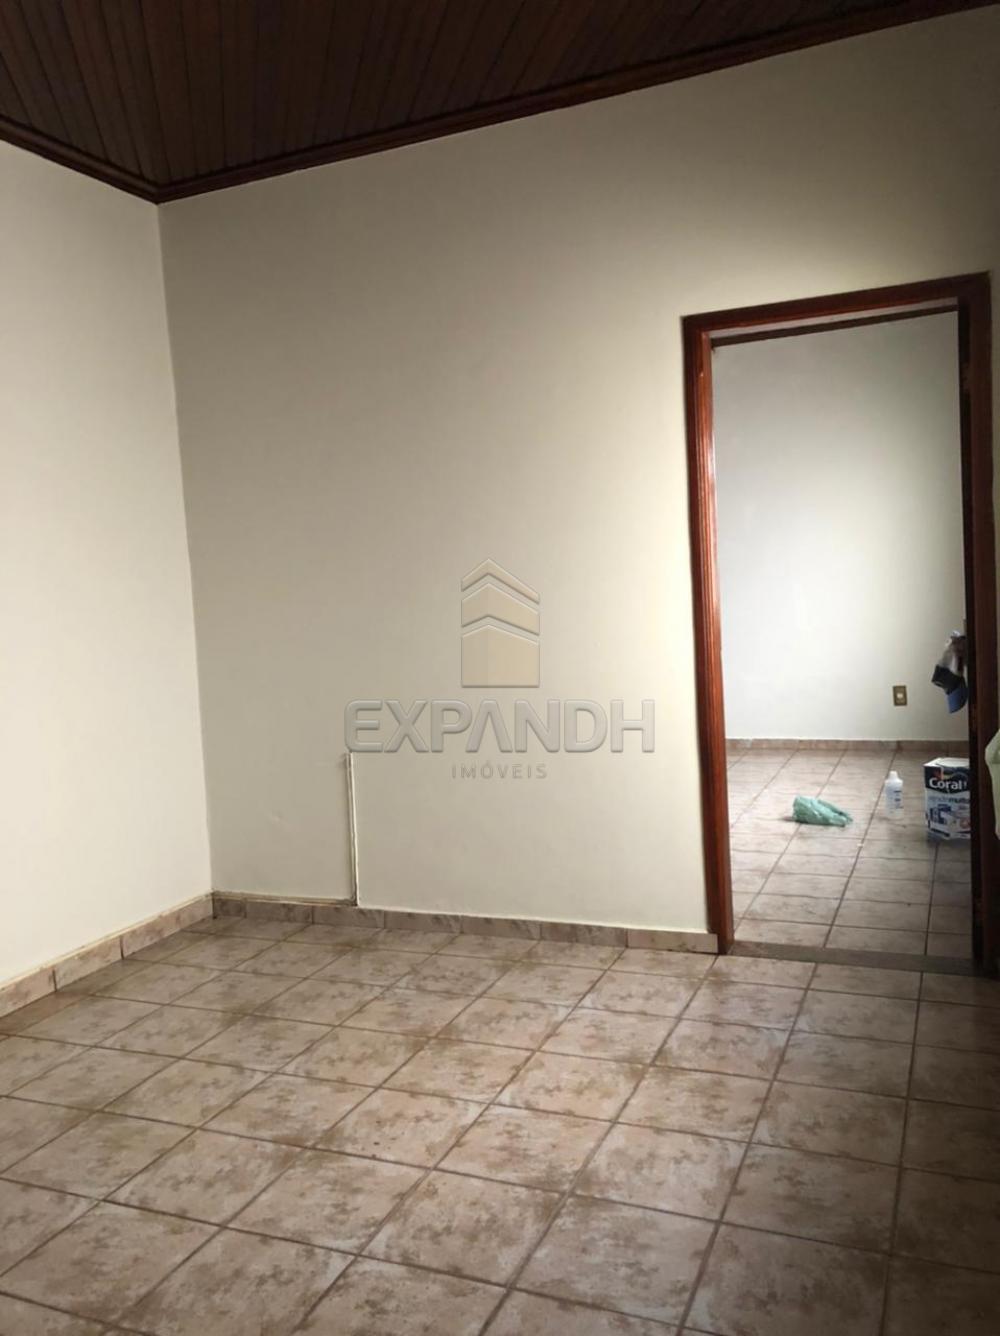 Alugar Casas / Padrão em Sertãozinho R$ 1.100,00 - Foto 2